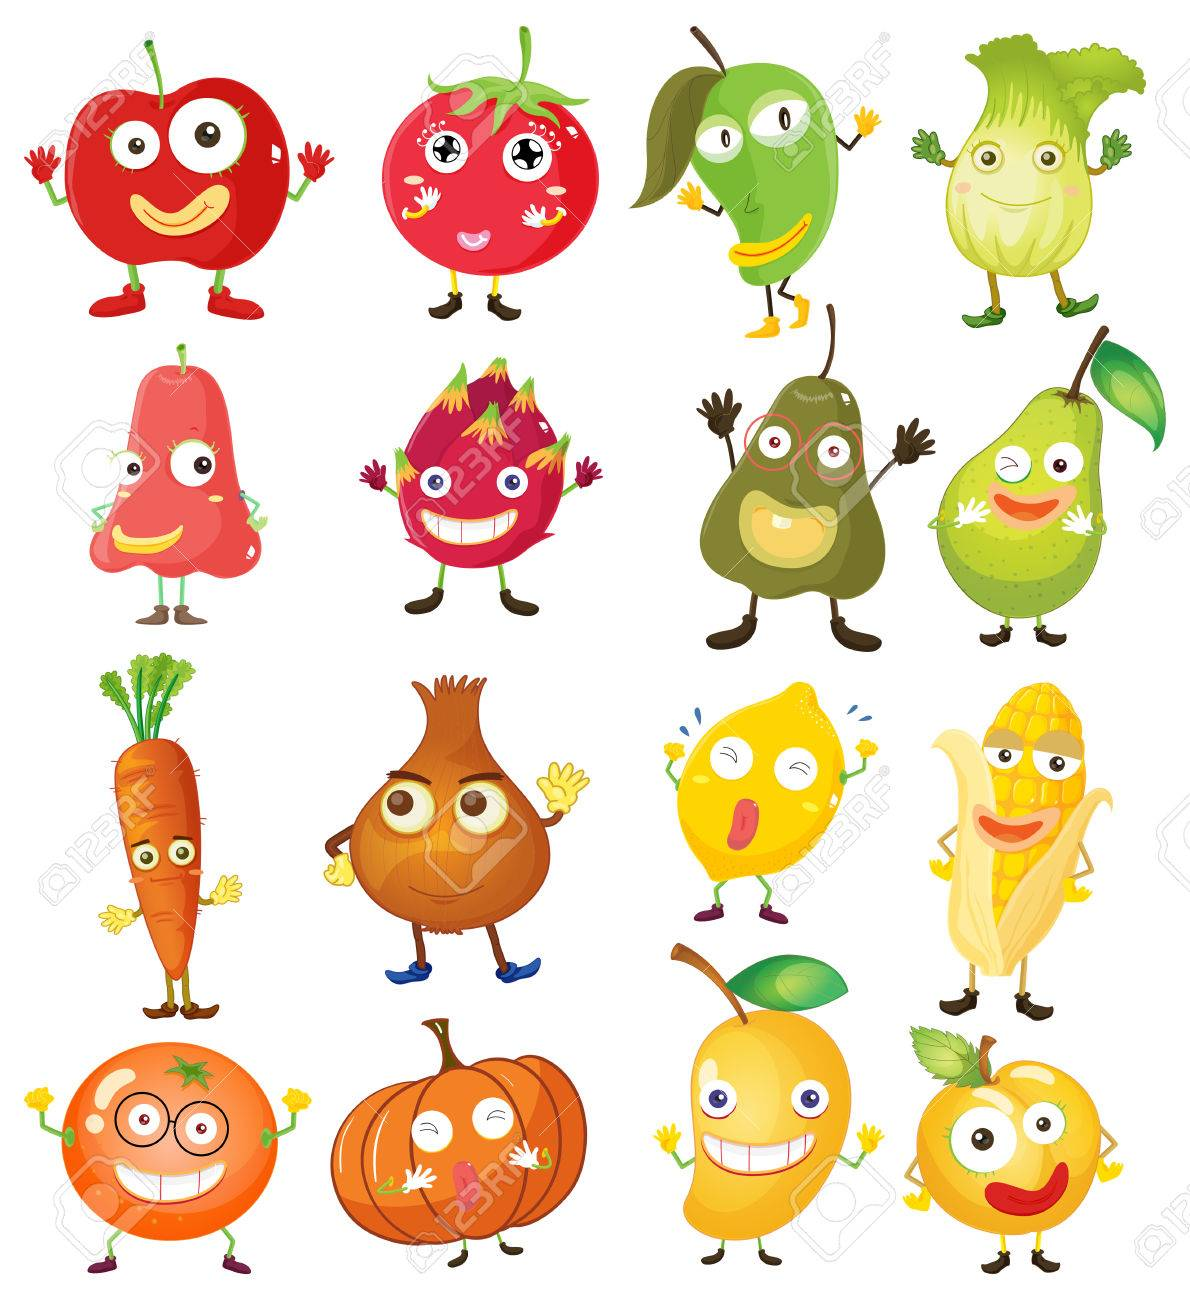 果物と野菜の顔イラストのイラスト素材ベクタ Image 44657096